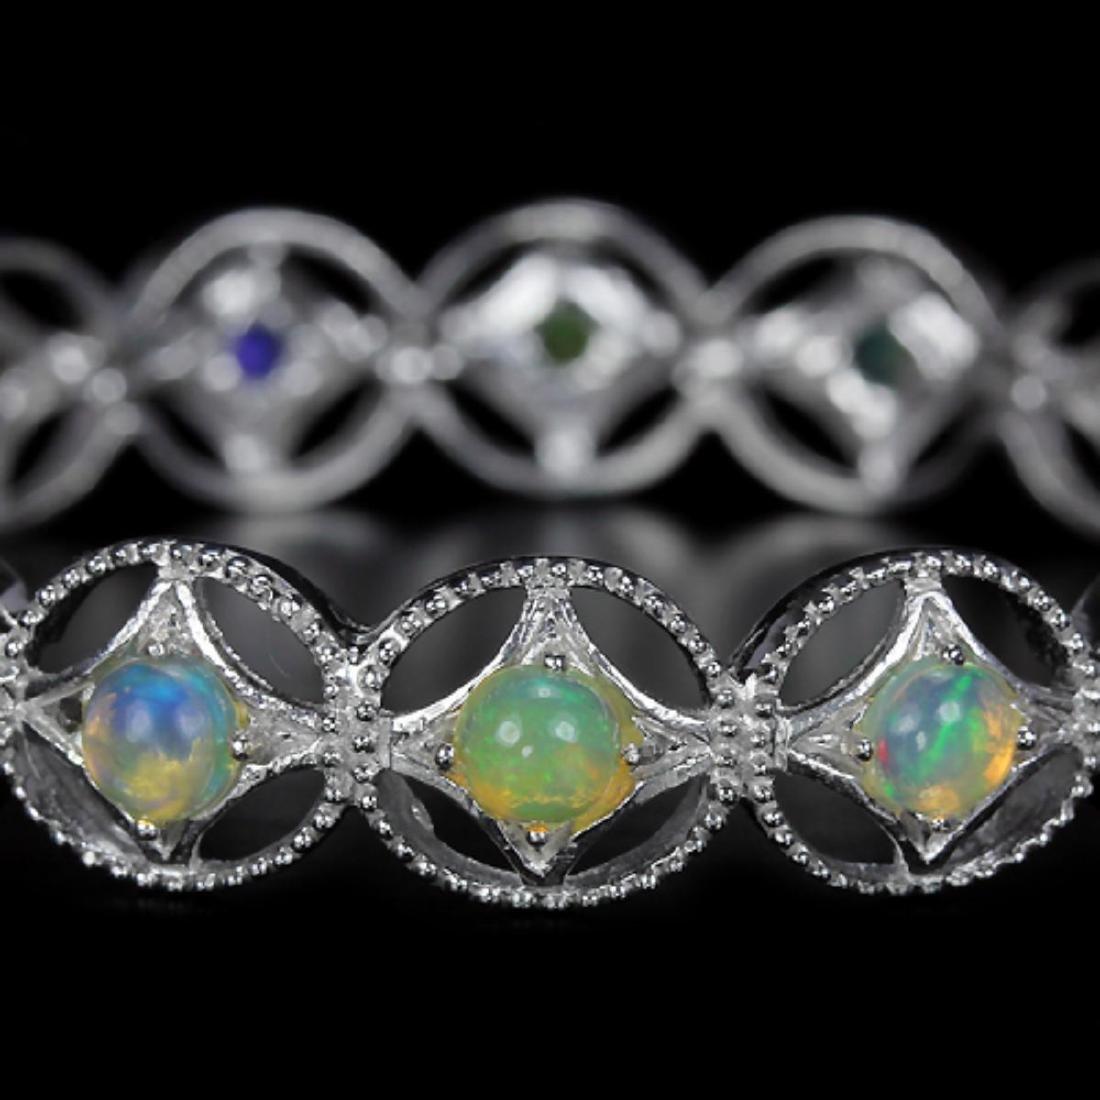 Stunning Natural Multi Color Opal Bracelet - 2